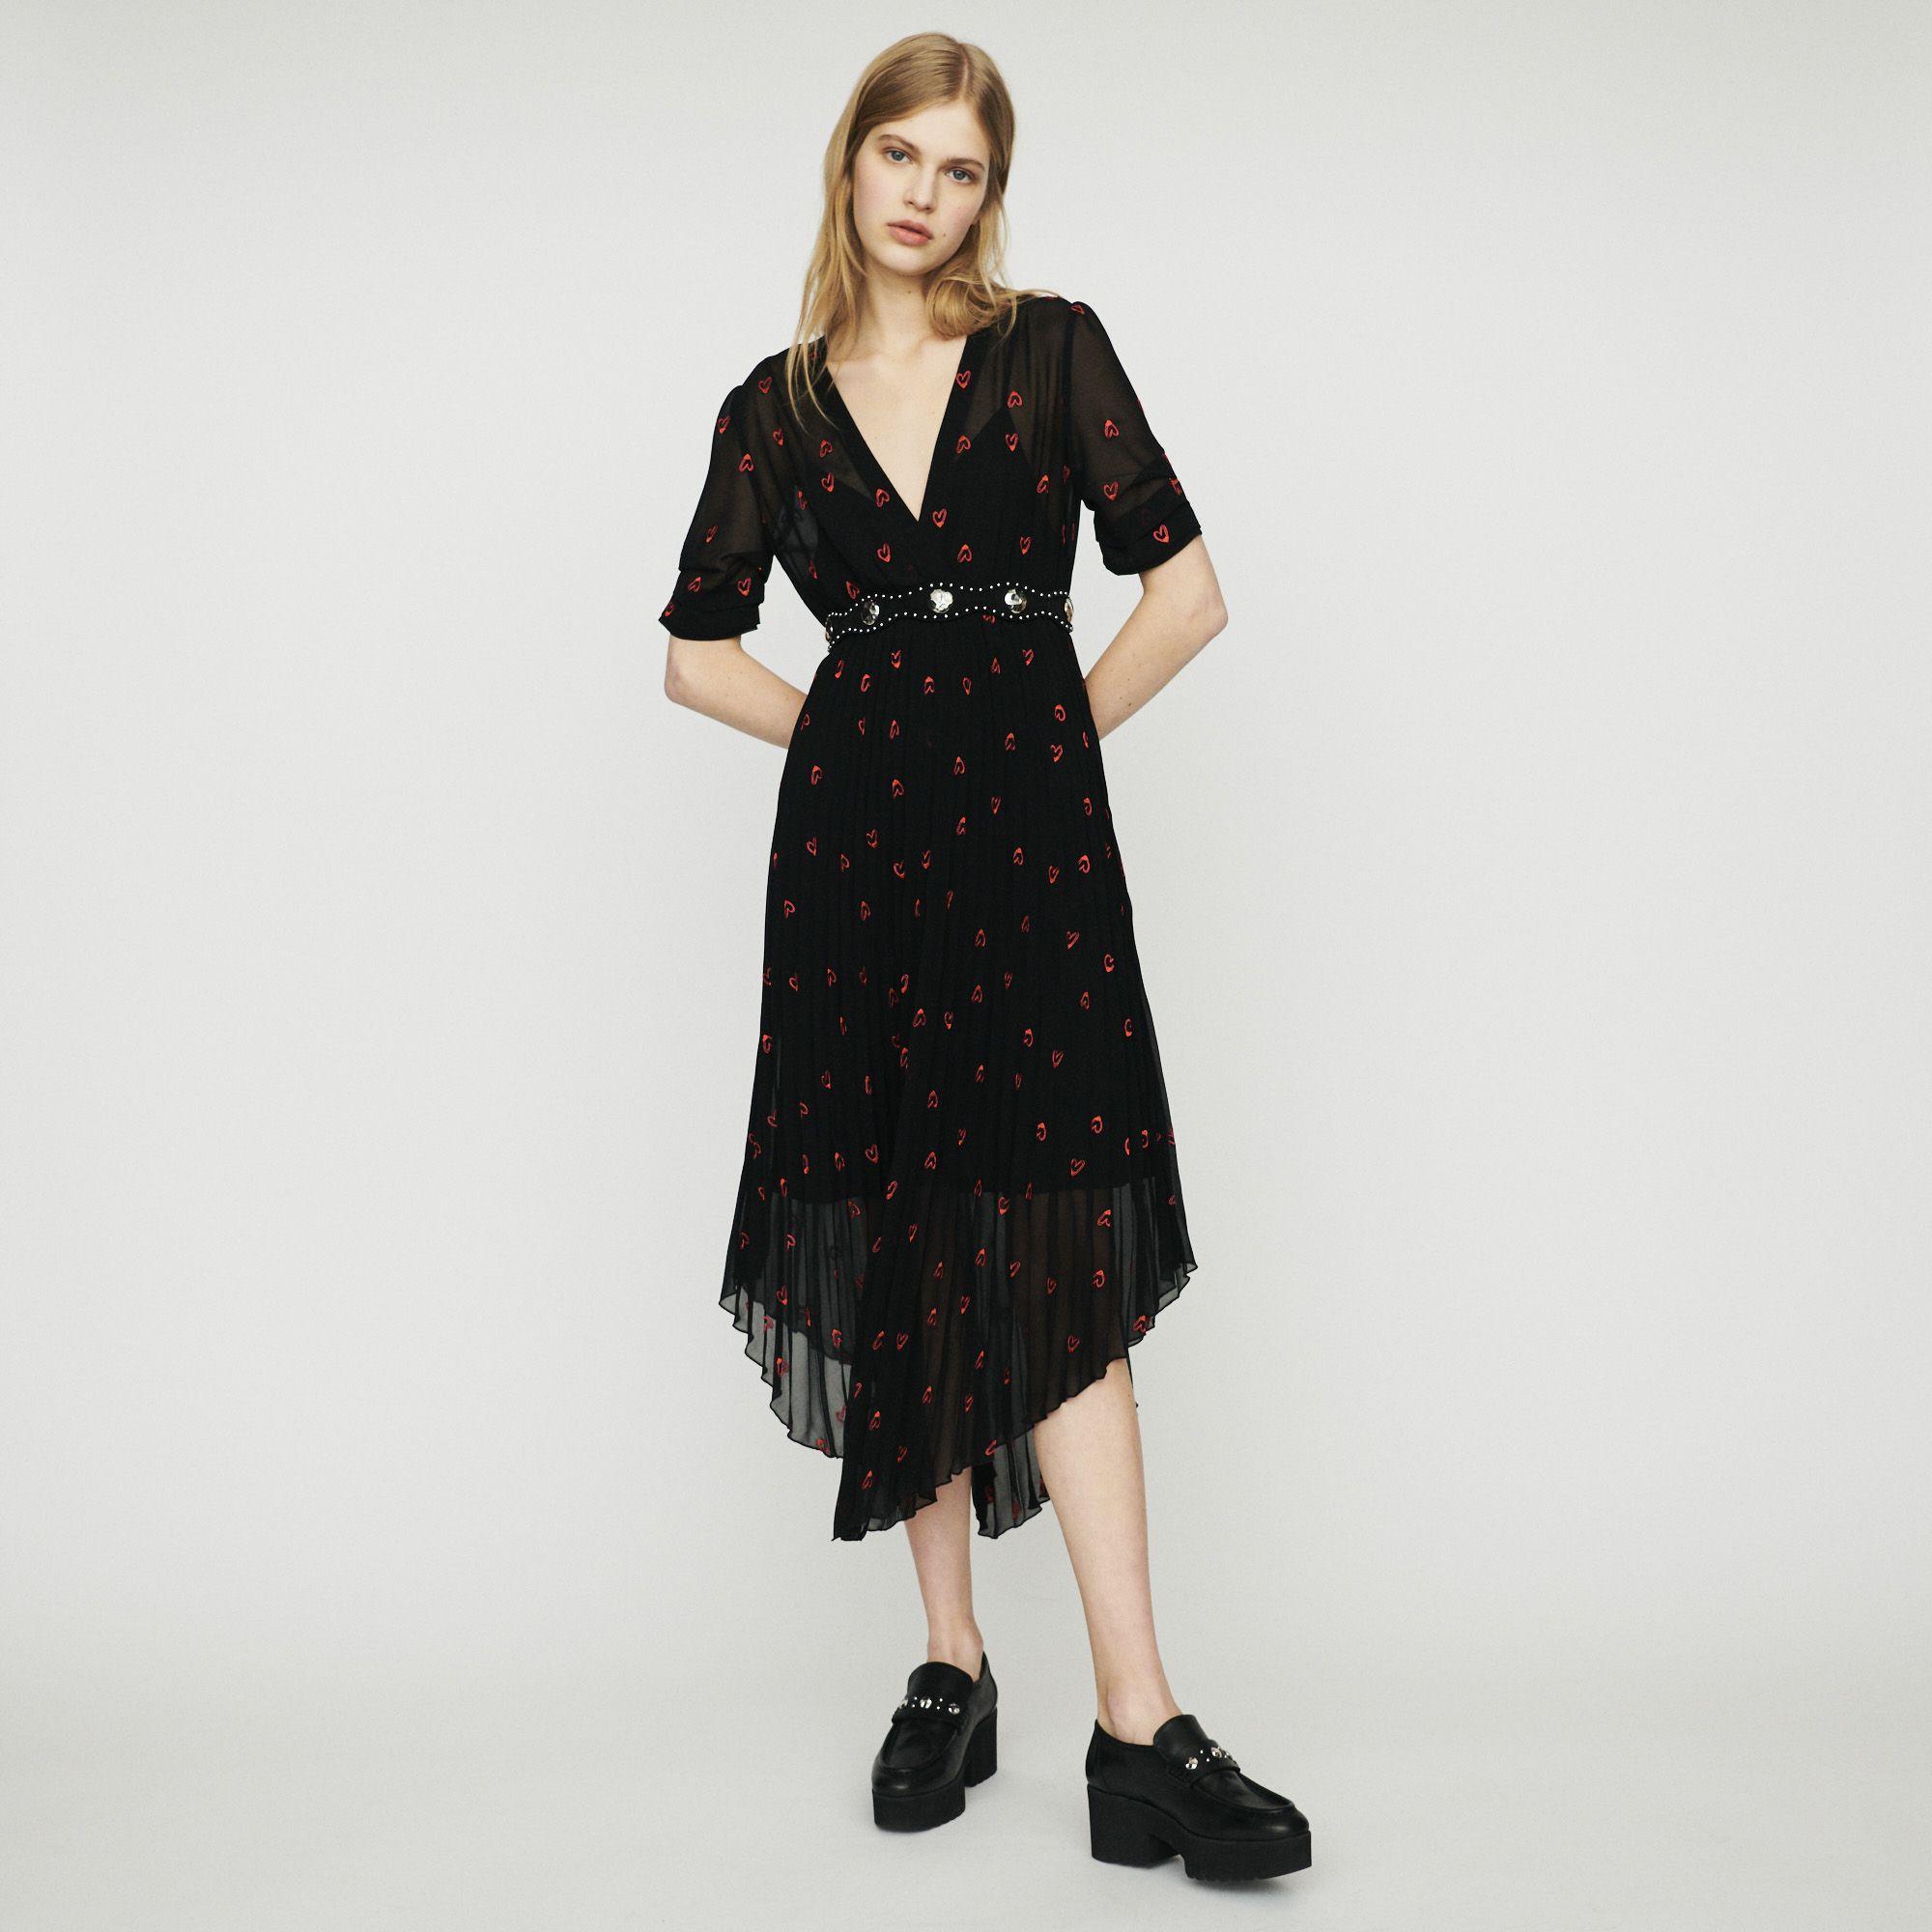 Sandro Rengo Dress   Robe plissée, Idées vestimentaires